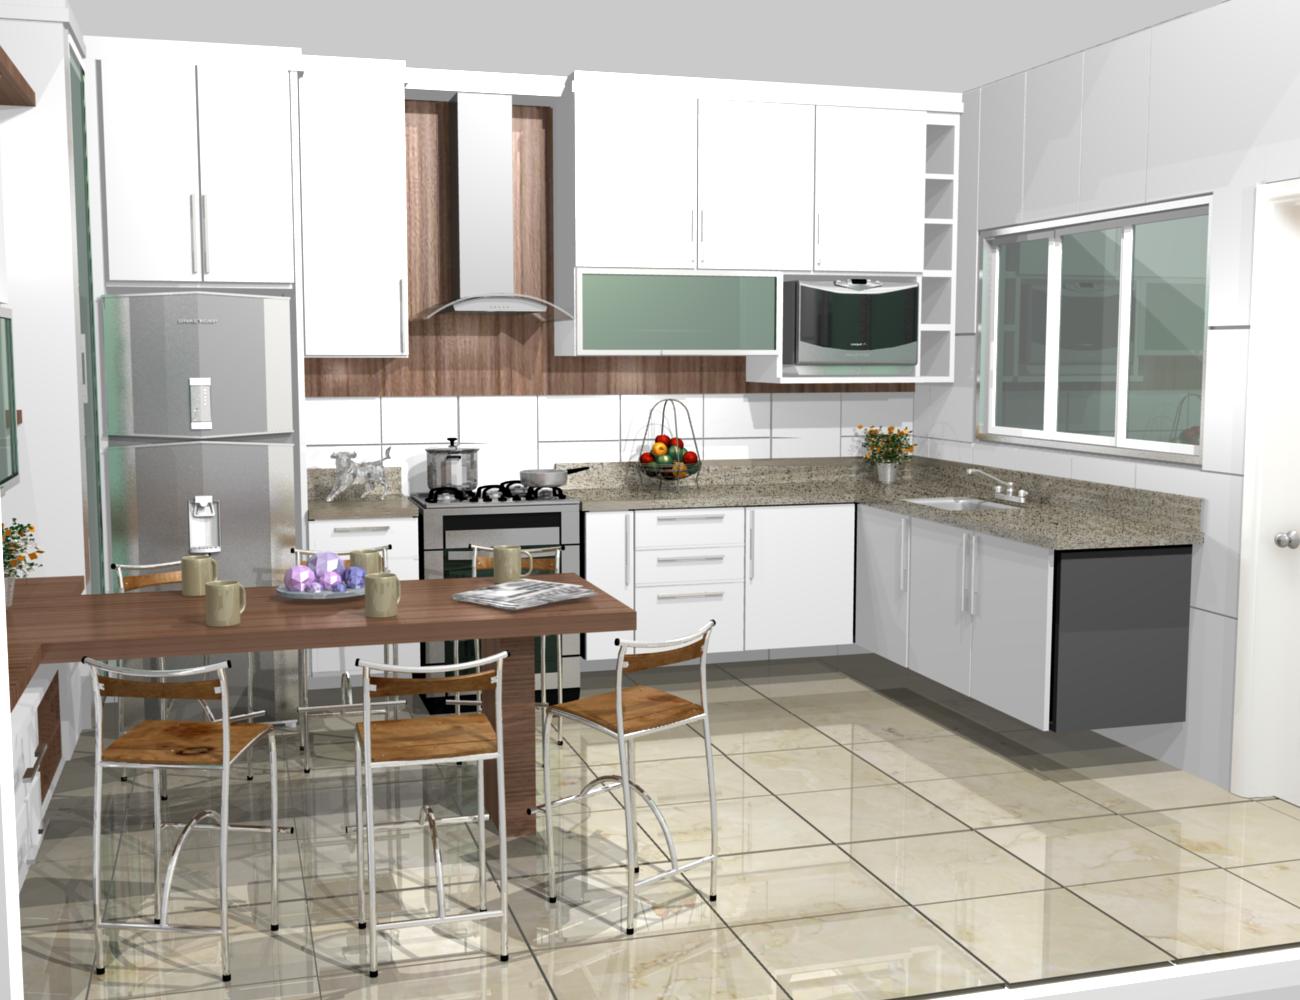 imagens de cozinhas planejadas e modernas planejadas e pequenas #654C3B 1300 1000